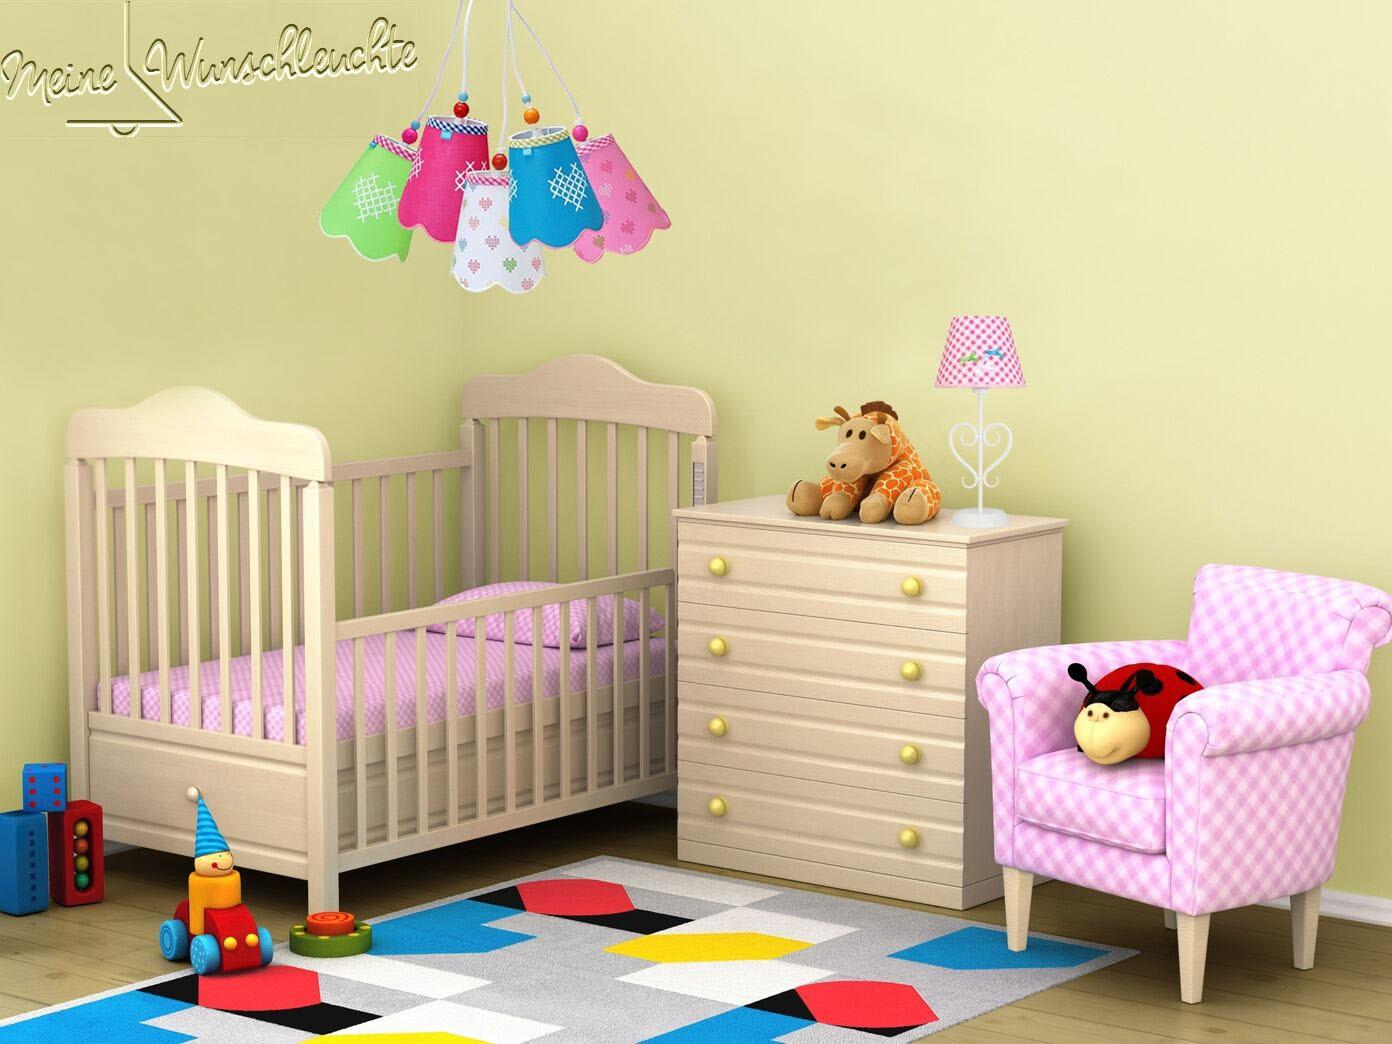 kinderzimmer deckenlampe kinderlampe h ngeleuchte rosa rot blau gr n wei eur 46 99 picclick it. Black Bedroom Furniture Sets. Home Design Ideas